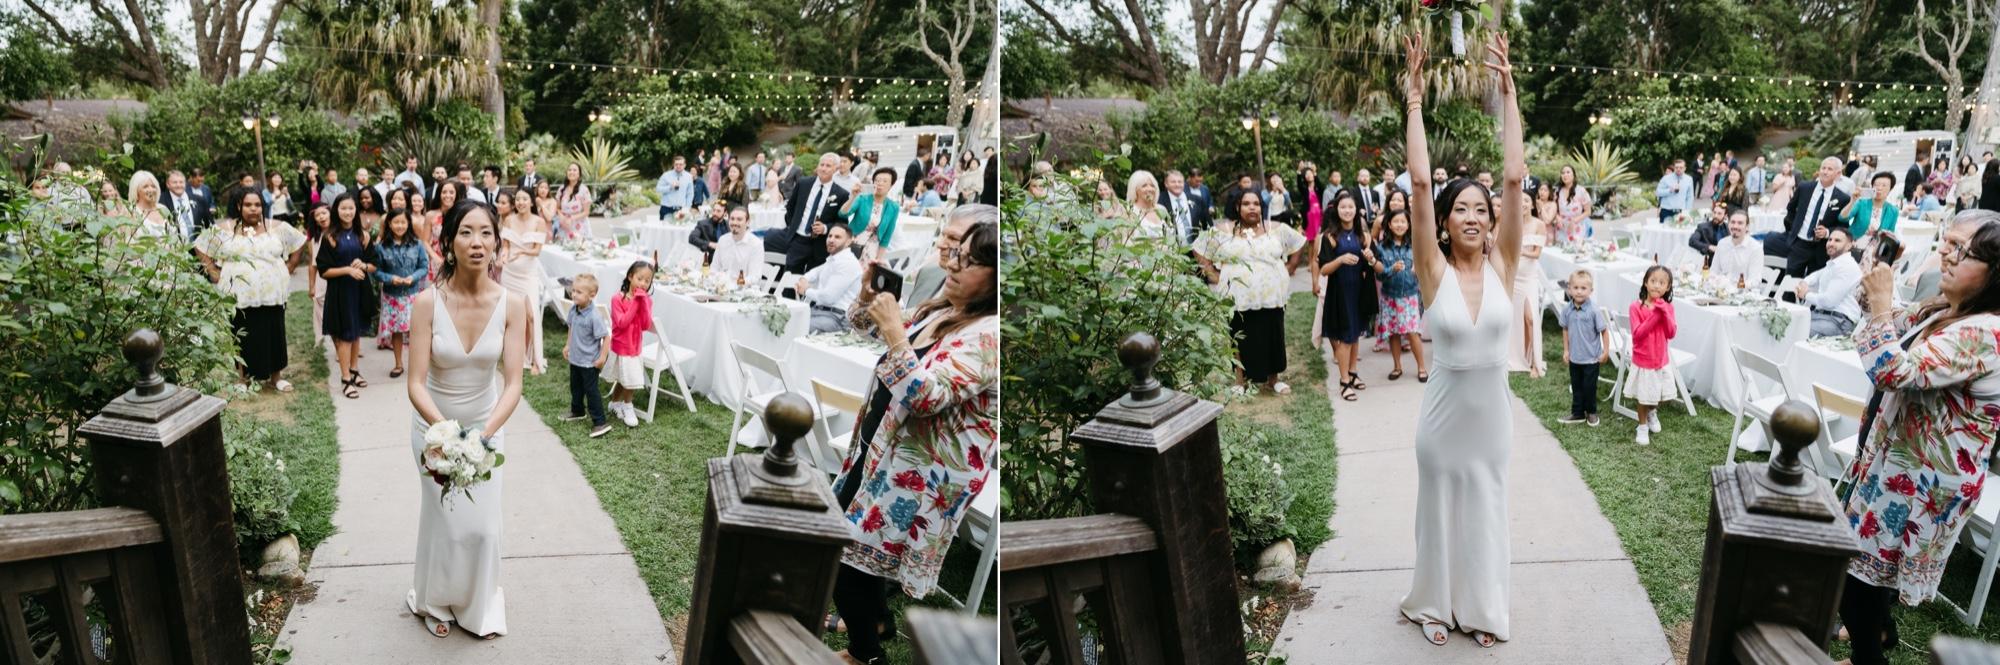 095_Shawna and Steve's Wedding-589_Shawna and Steve's Wedding-588.jpg